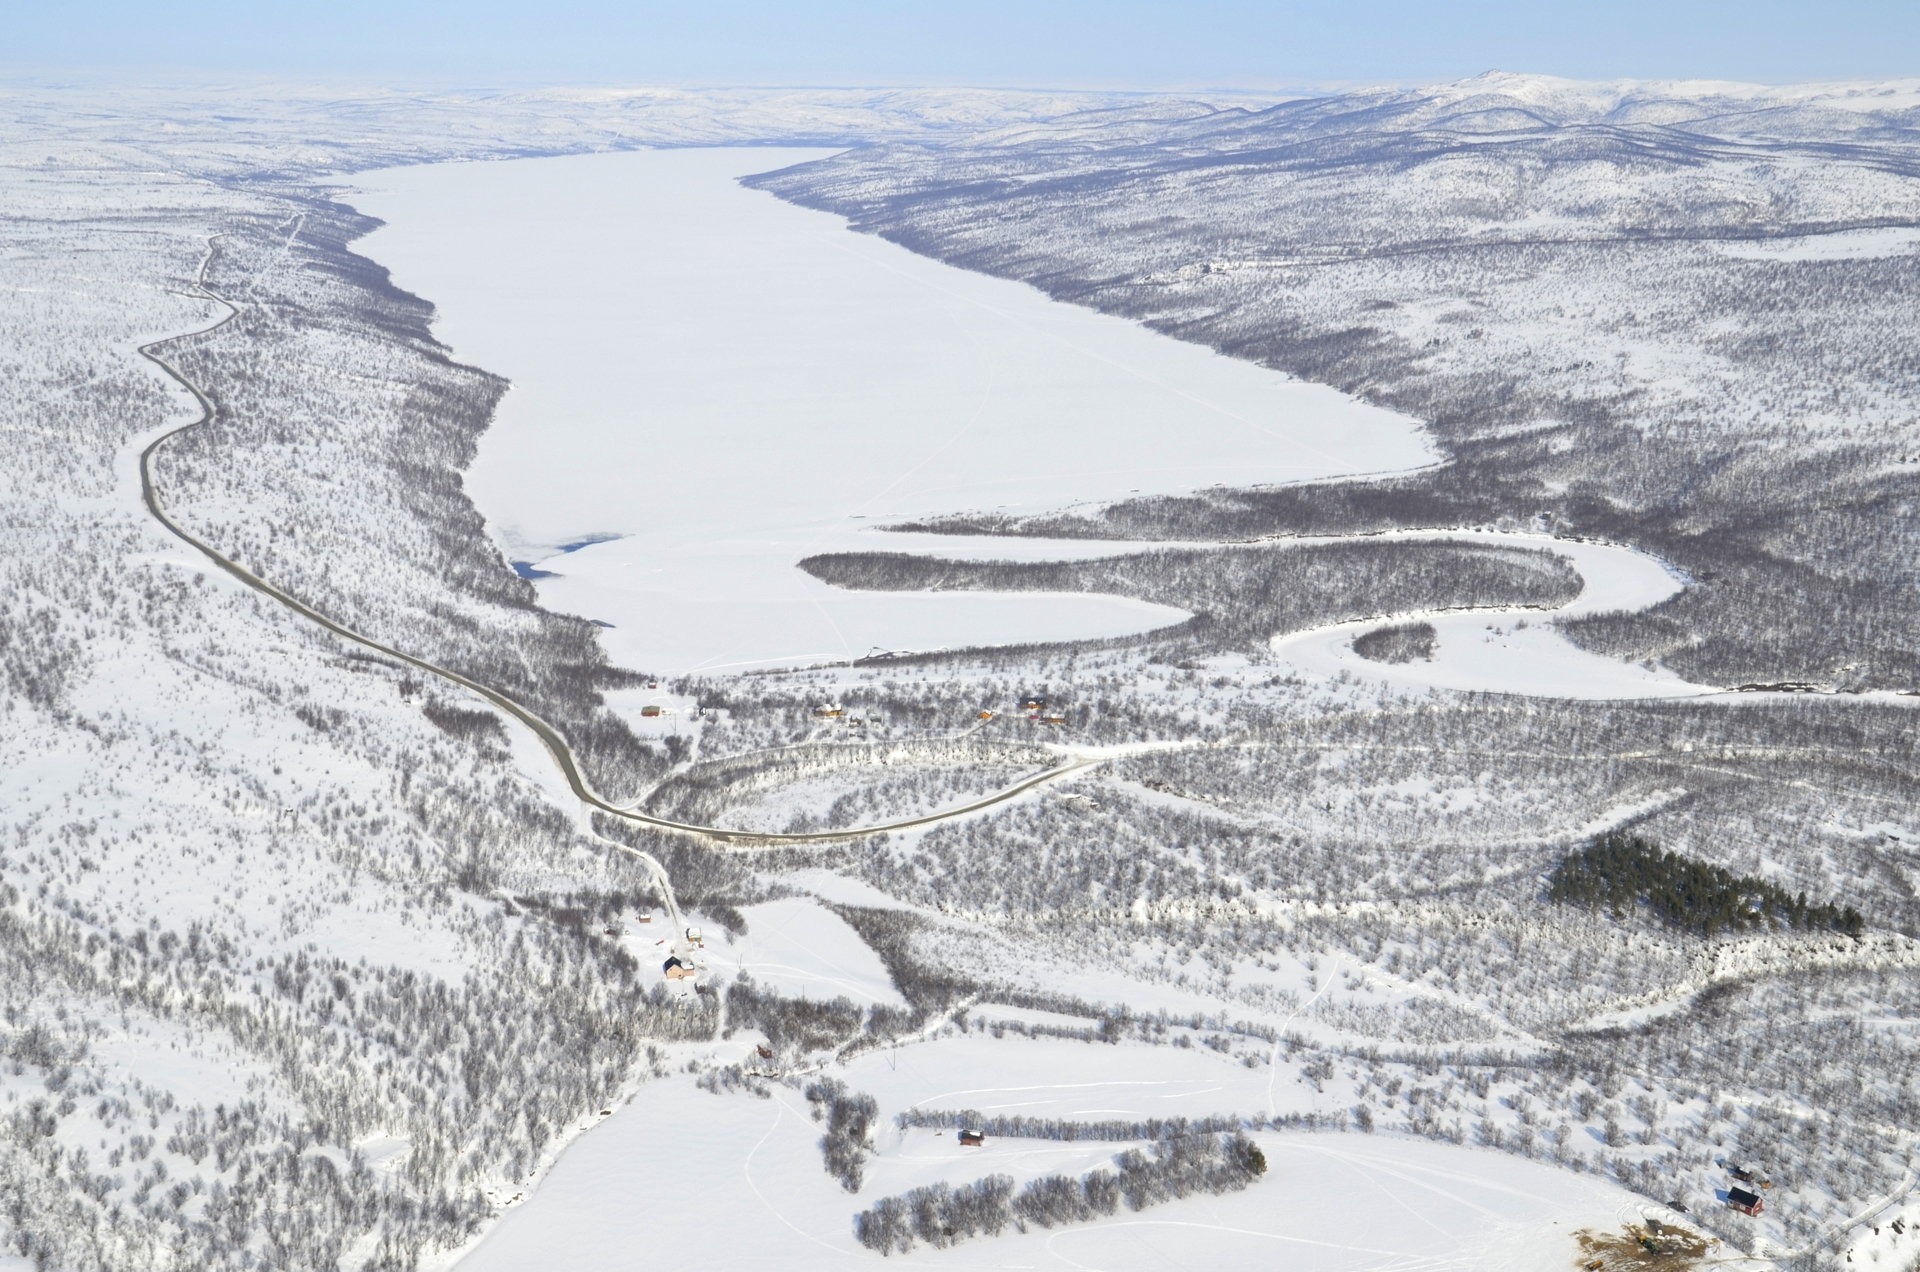 Kun tuvan kaminaan oli tehty tulet perässä tulevien hiihtäjien iloksi, lähdettiin Nuorgamin kylää kohti. Matkalla tämä Pulmankijärvi.